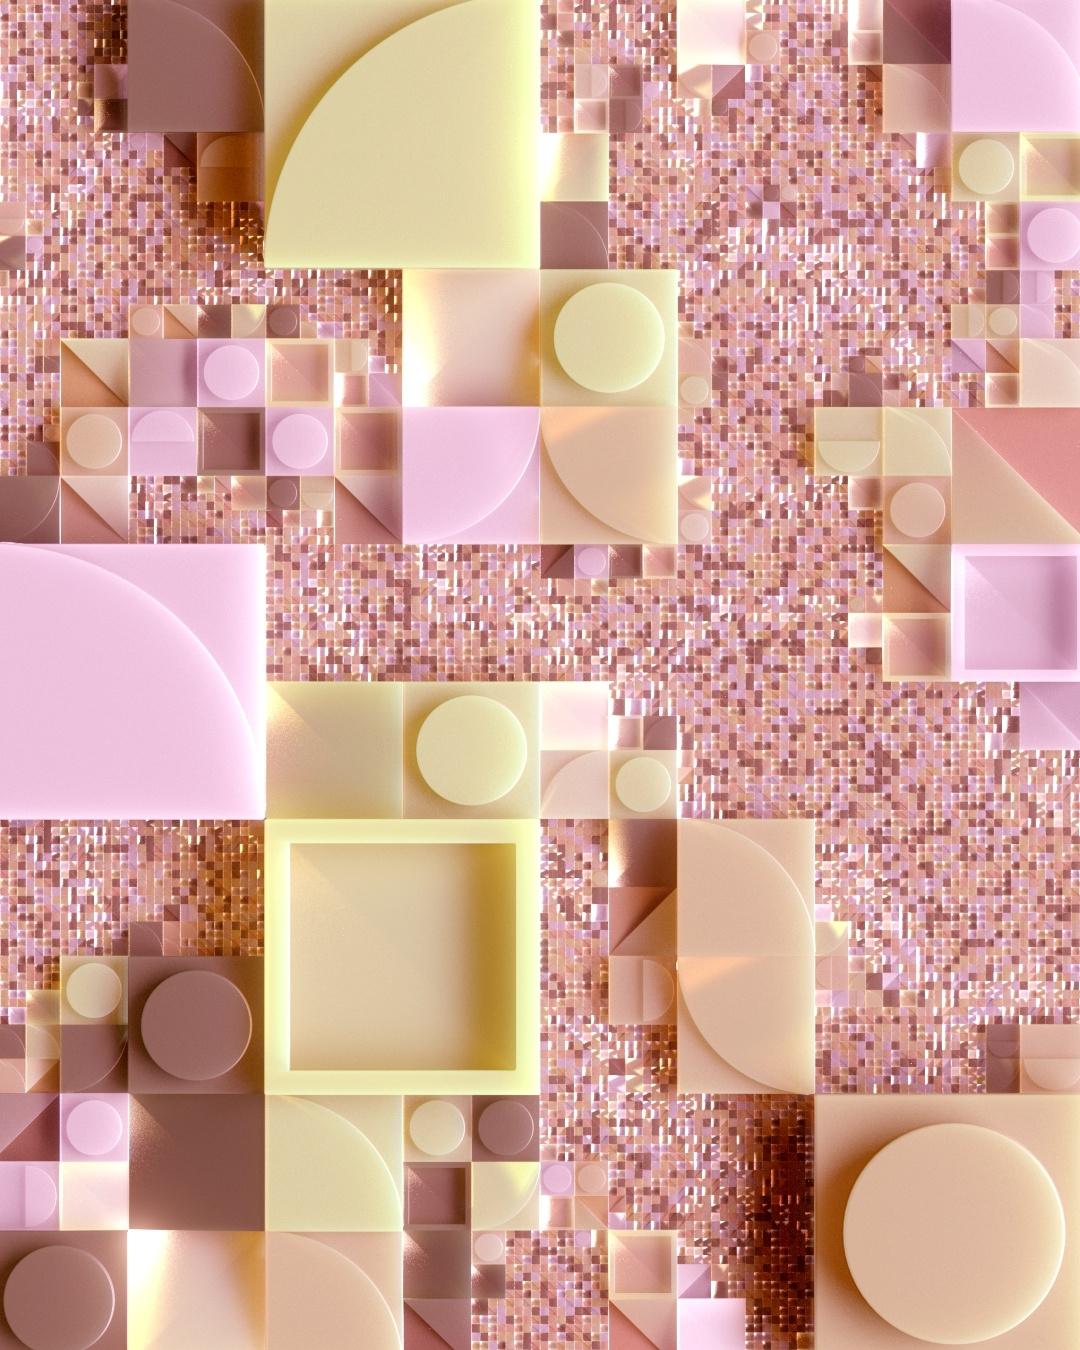 series generative compositions - shystudio | ello